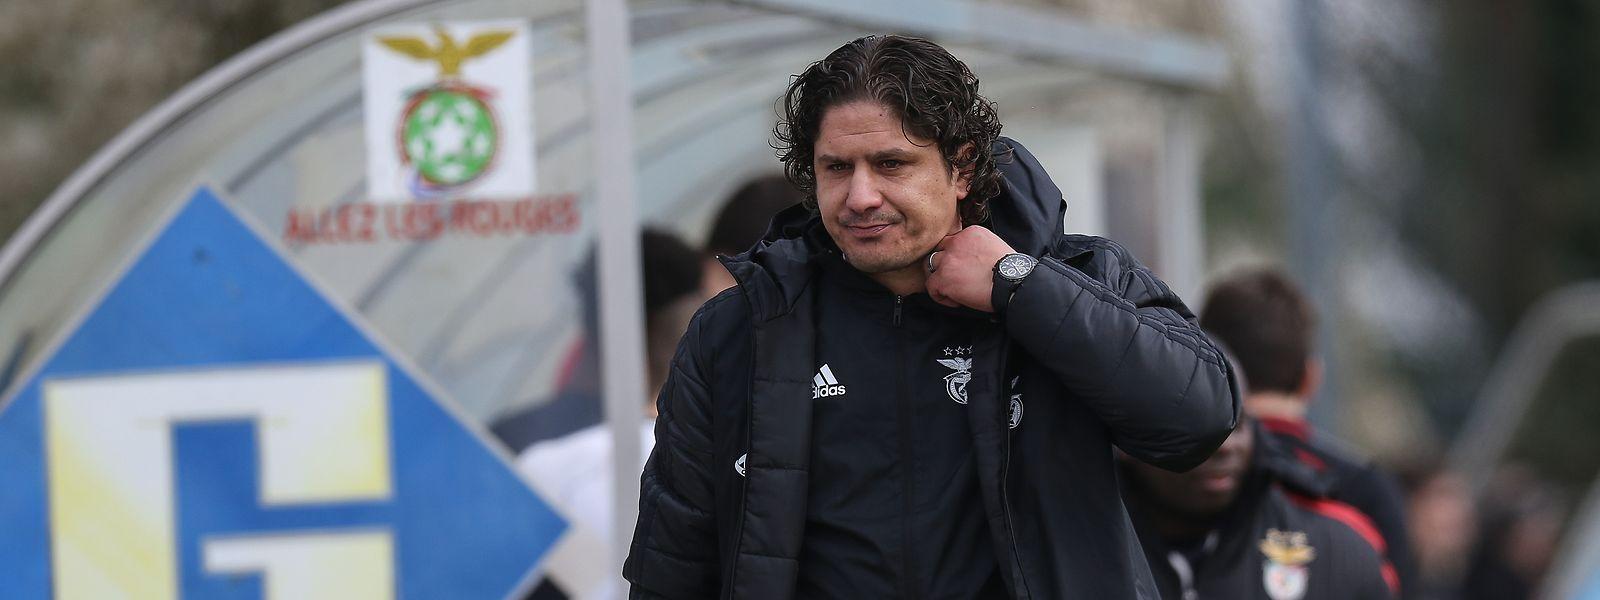 Pedro Resende sera l'entraîneur du nouveau club issu de la fusion la saison prochaine en BGL Ligue